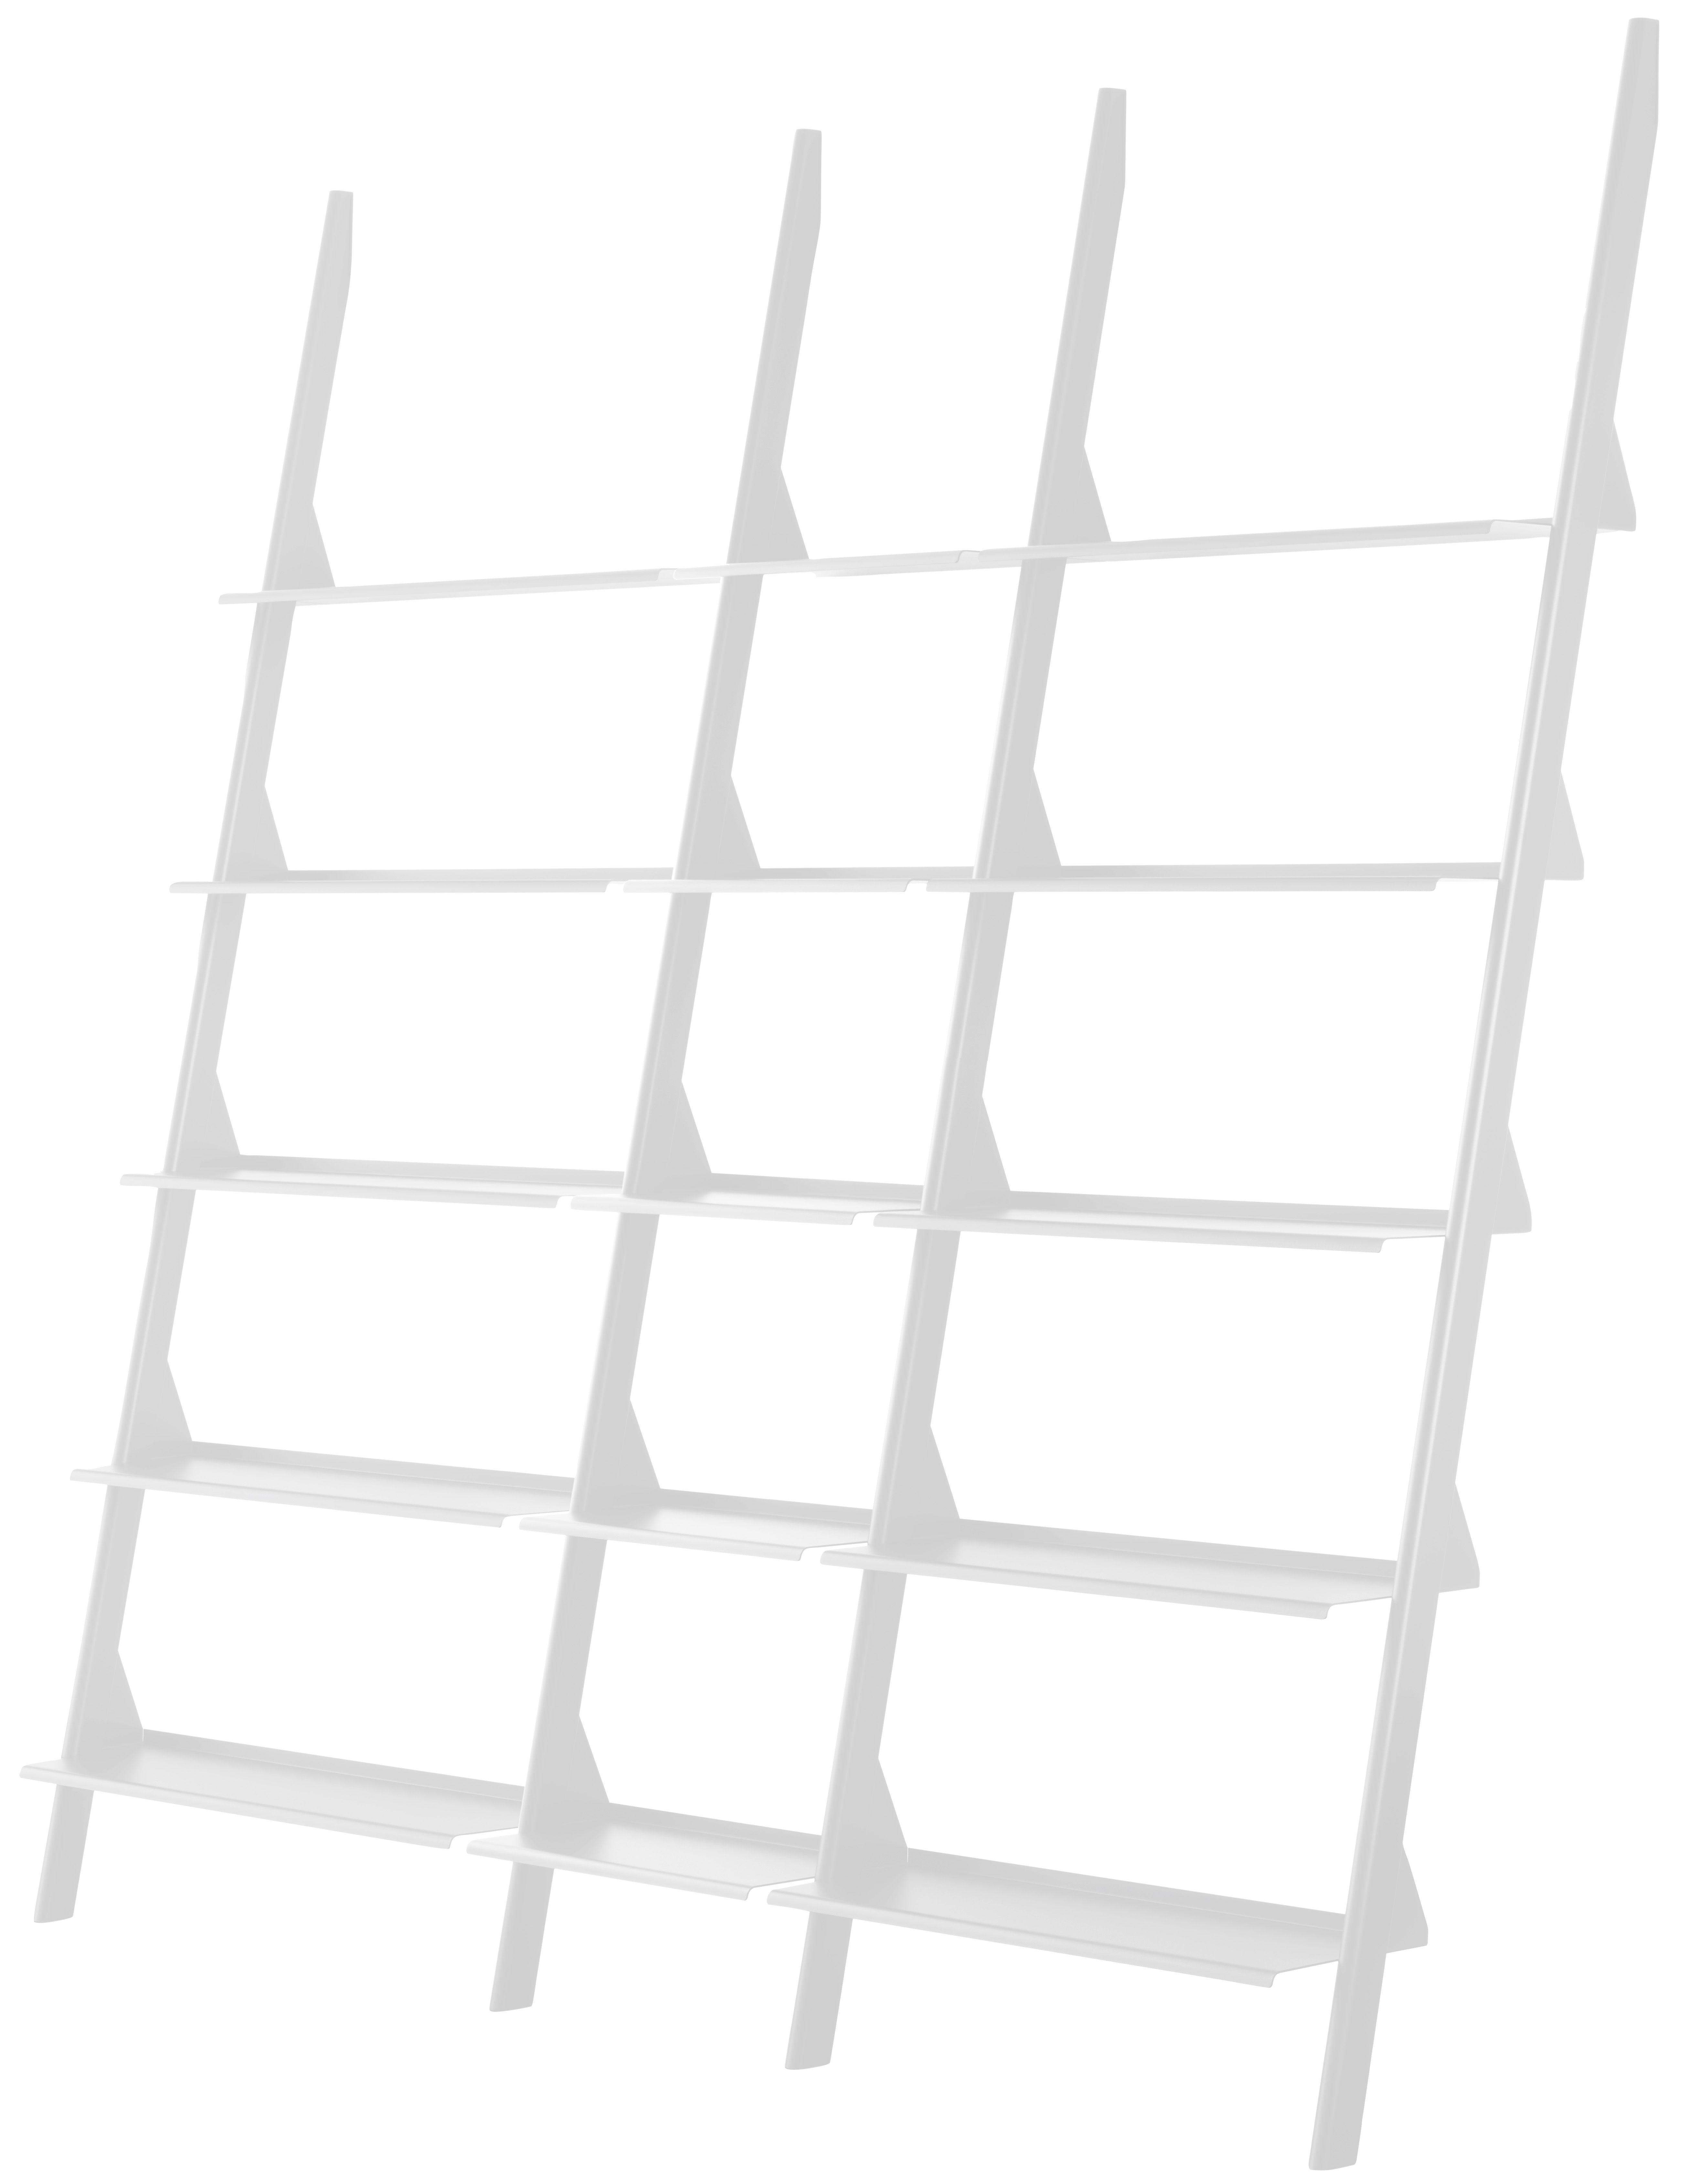 Arredamento - Scaffali e librerie - Libreria Tyke - The Wild Bunch - / L 195 x H 211 cm di Magis - Bianco - Acciaio verniciato